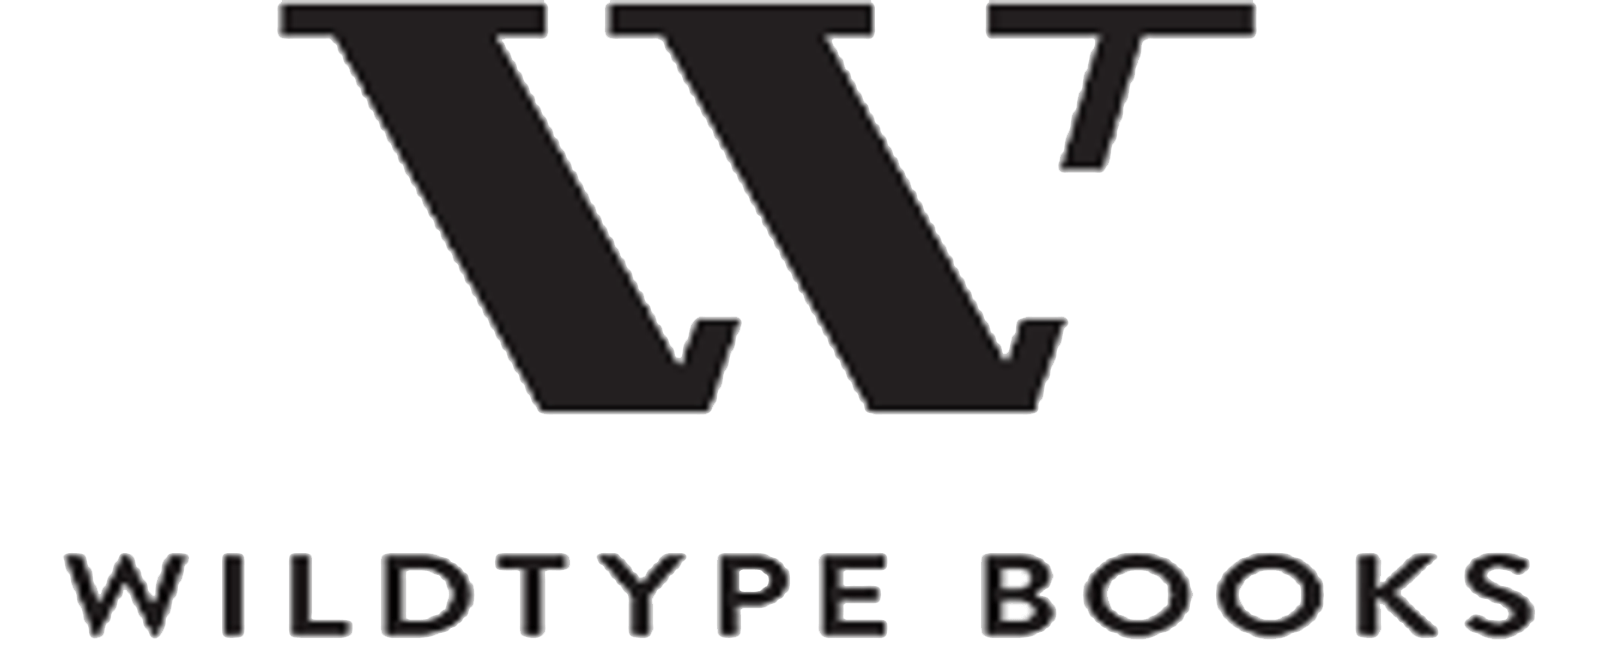 Wildtype Books